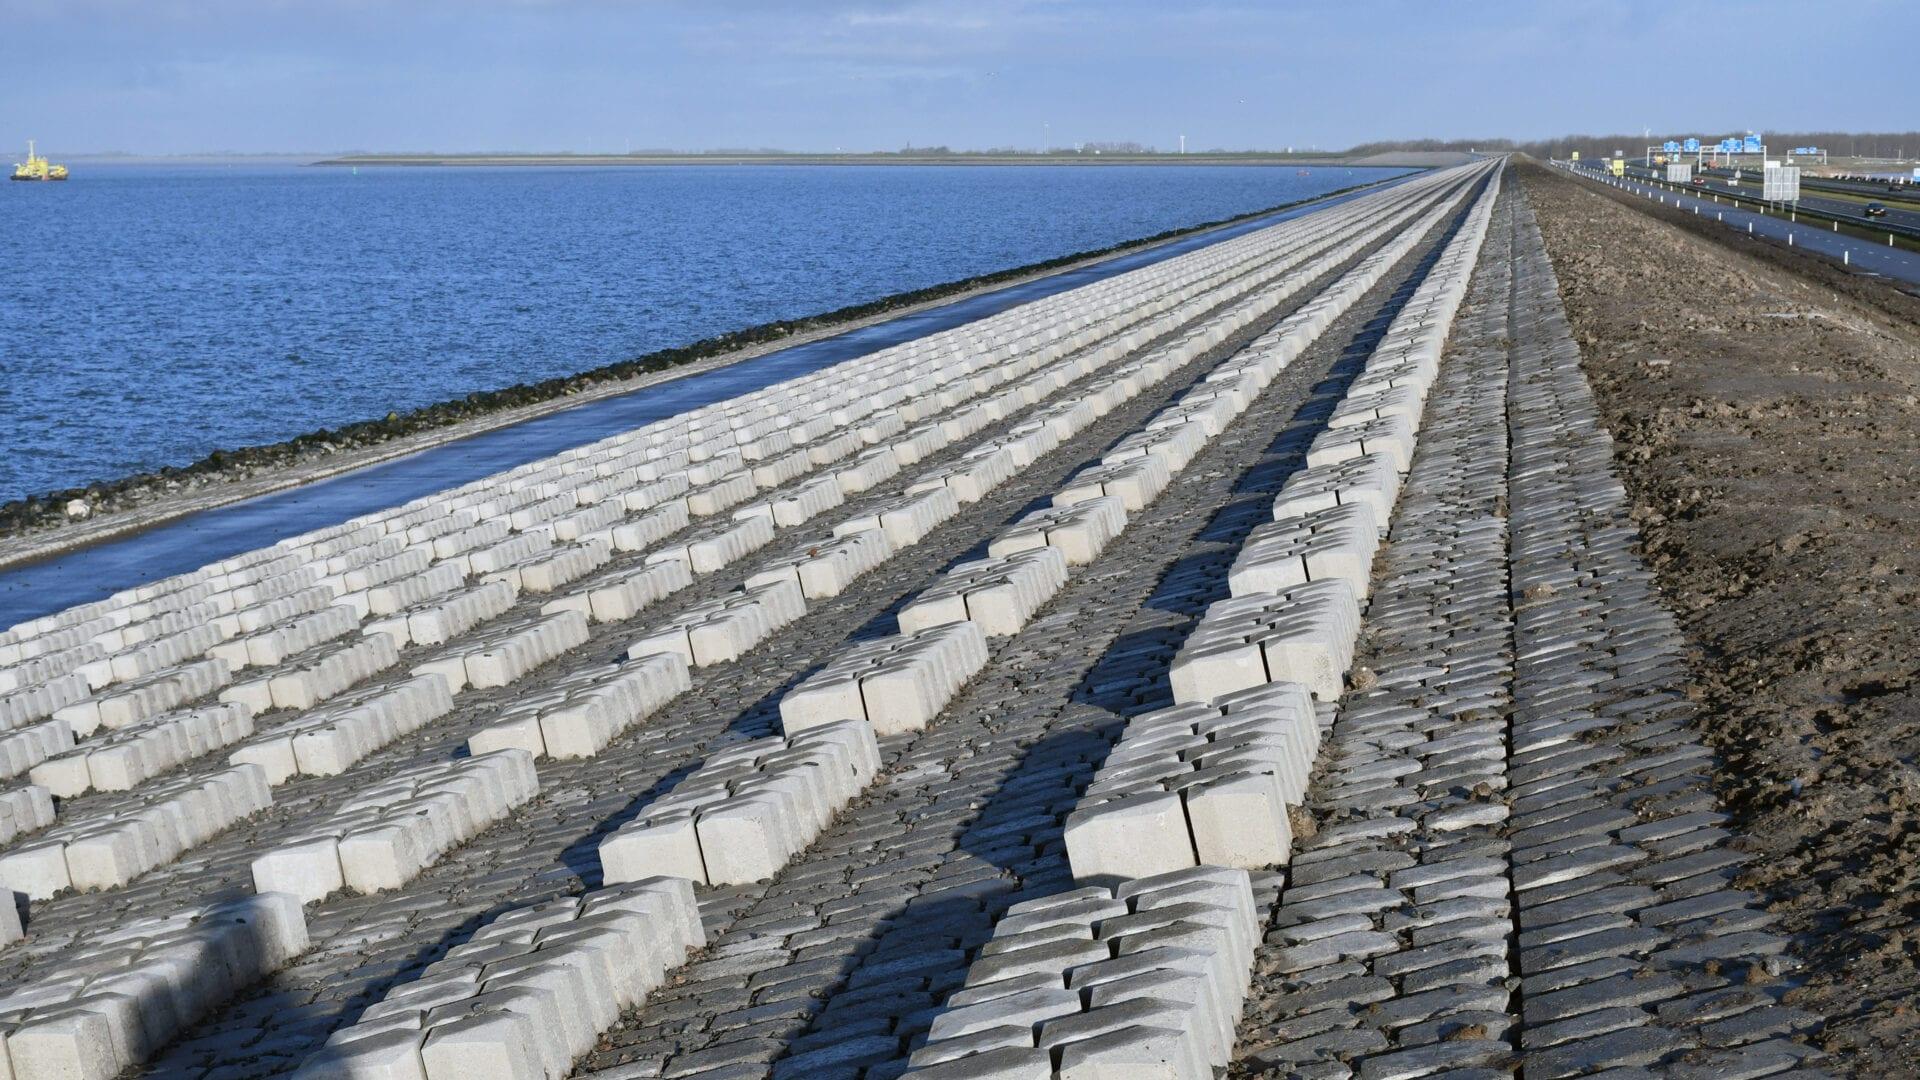 Je ziet een foto van de Quattroblocks bij de Afsluitdijk. Dit zijn blokken die aan de zijkant van de dijk liggen. Aan de linkerkant zie je het water van de Waddenzee.